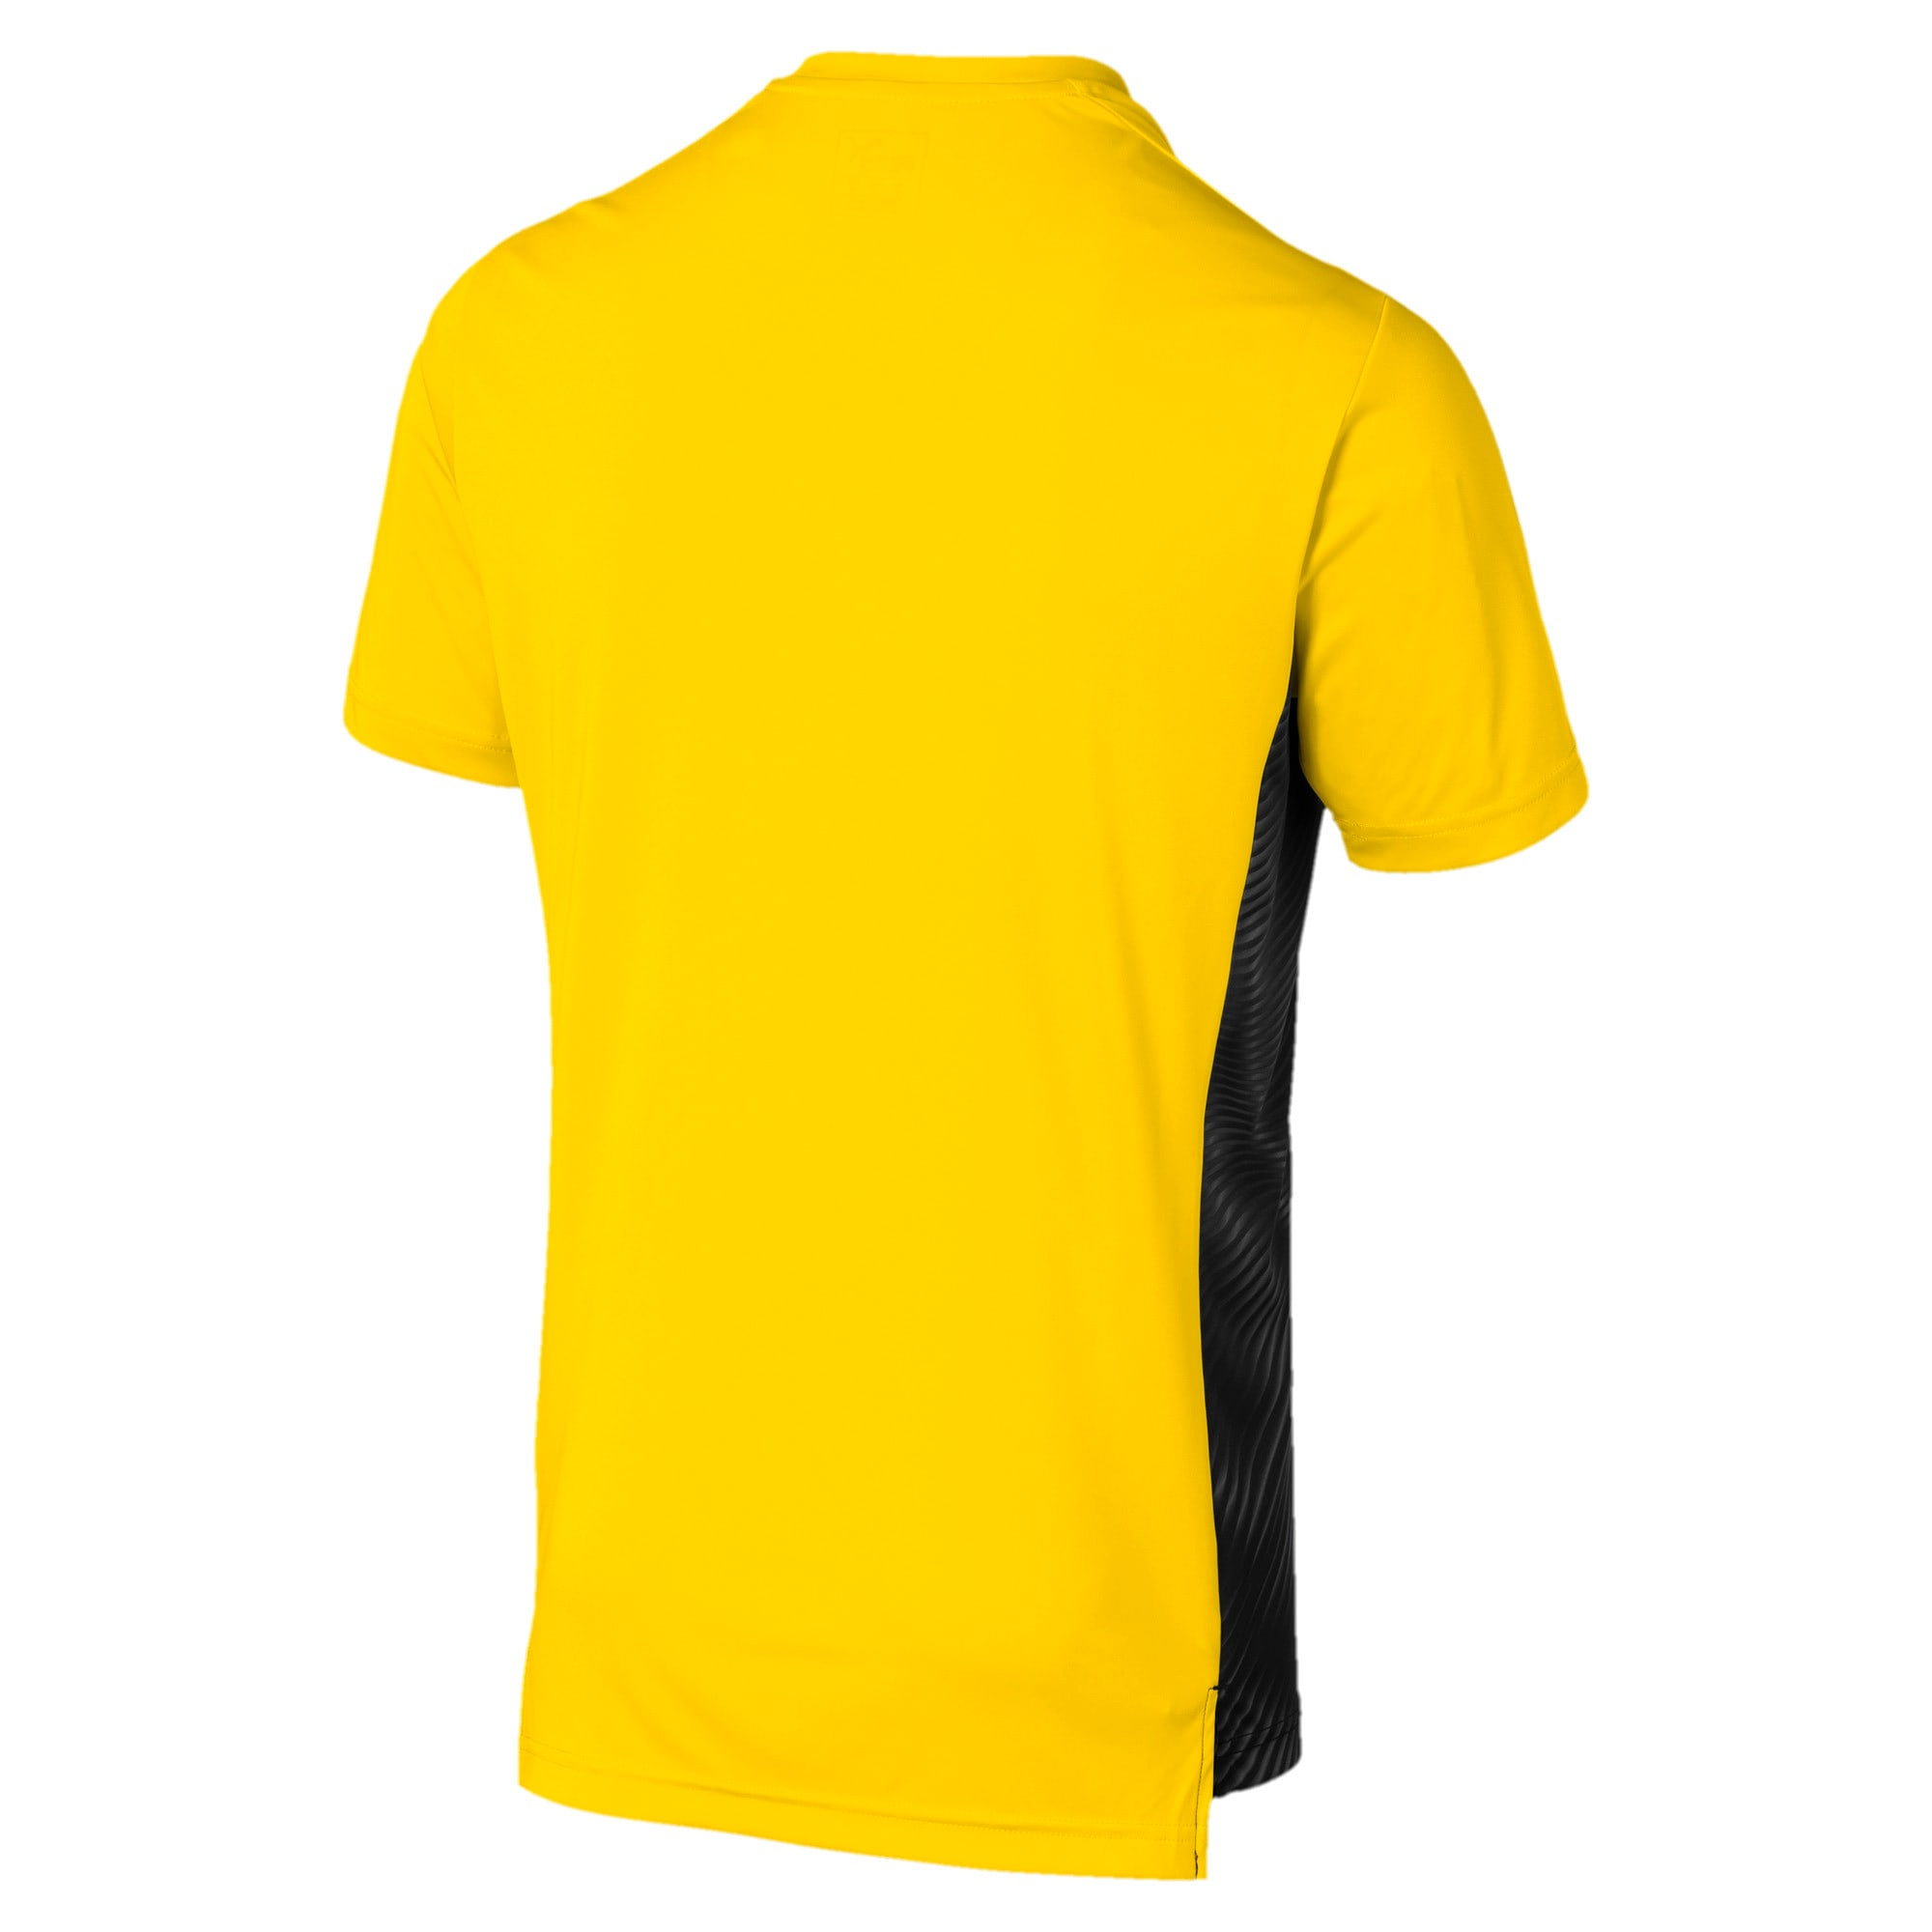 Thumbnail 2 of ドルトムント BVB リーグ スタジアム グラフィック ジャージ, Cyber Yellow-Puma Black, medium-JPN